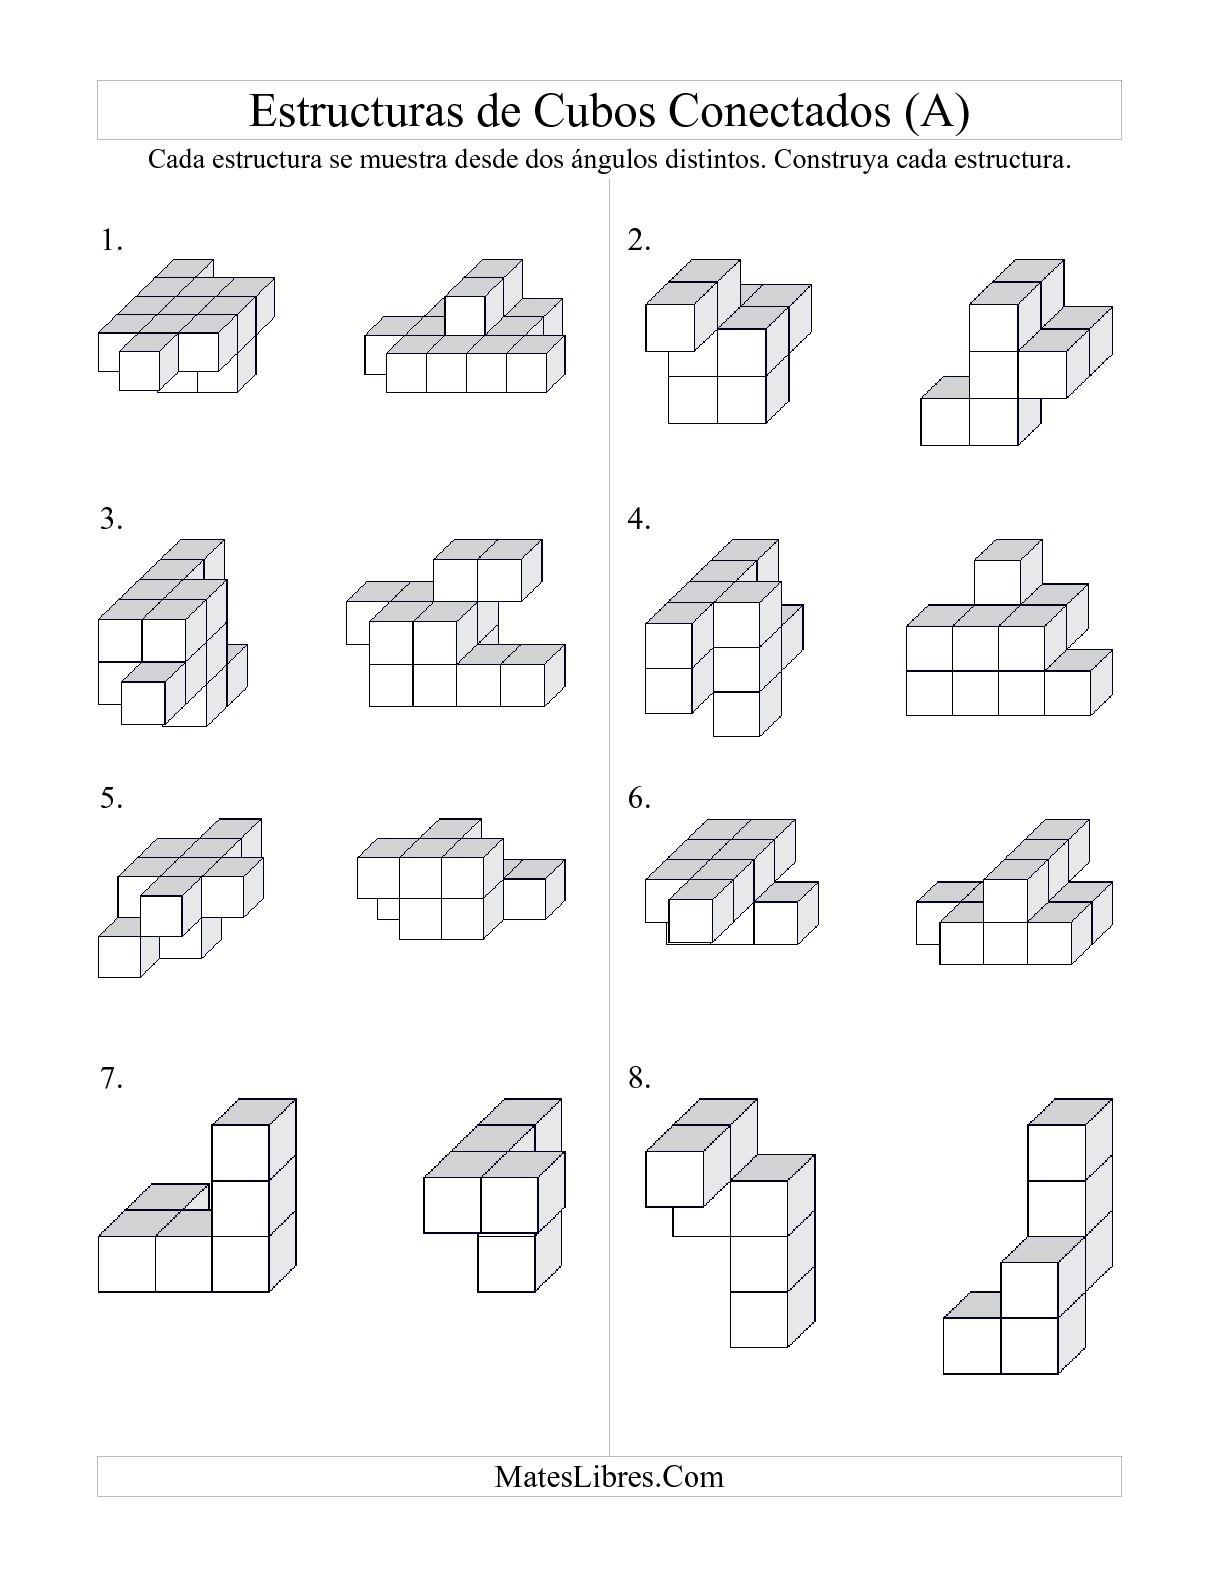 Construir Estructuras De Cubos Conectados A Hoja De